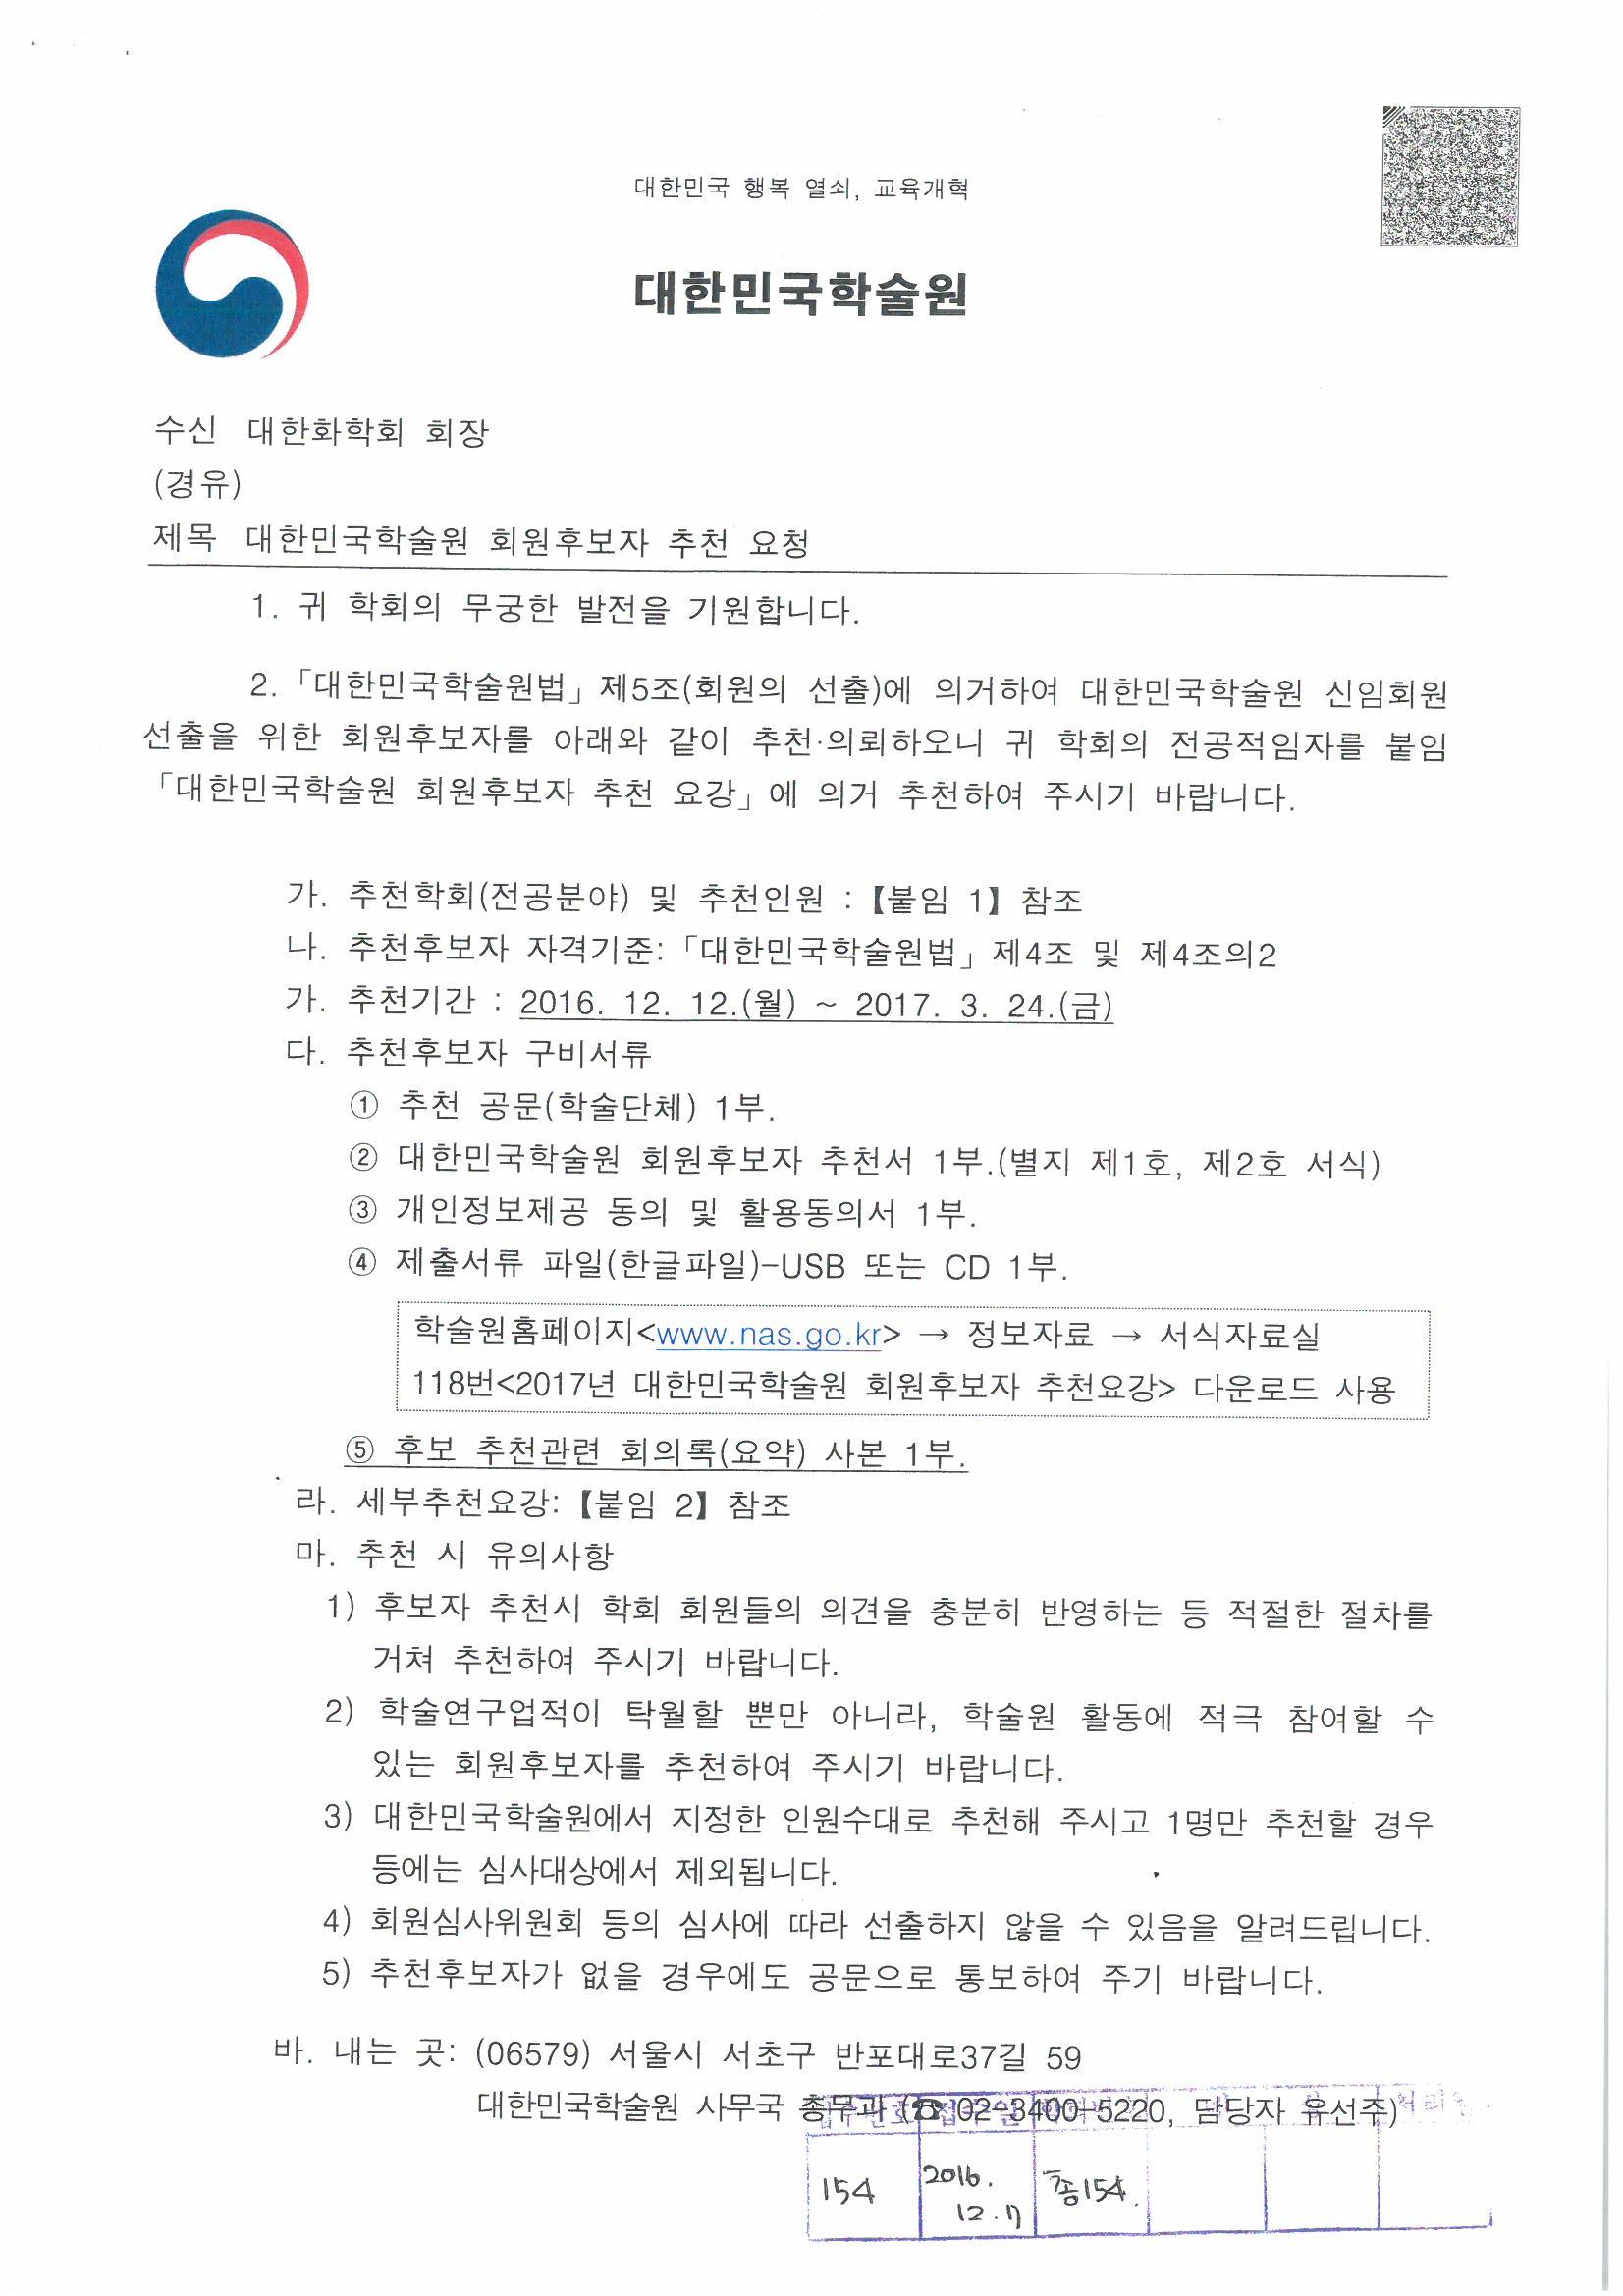 추천요청공문_페이지_1.jpg